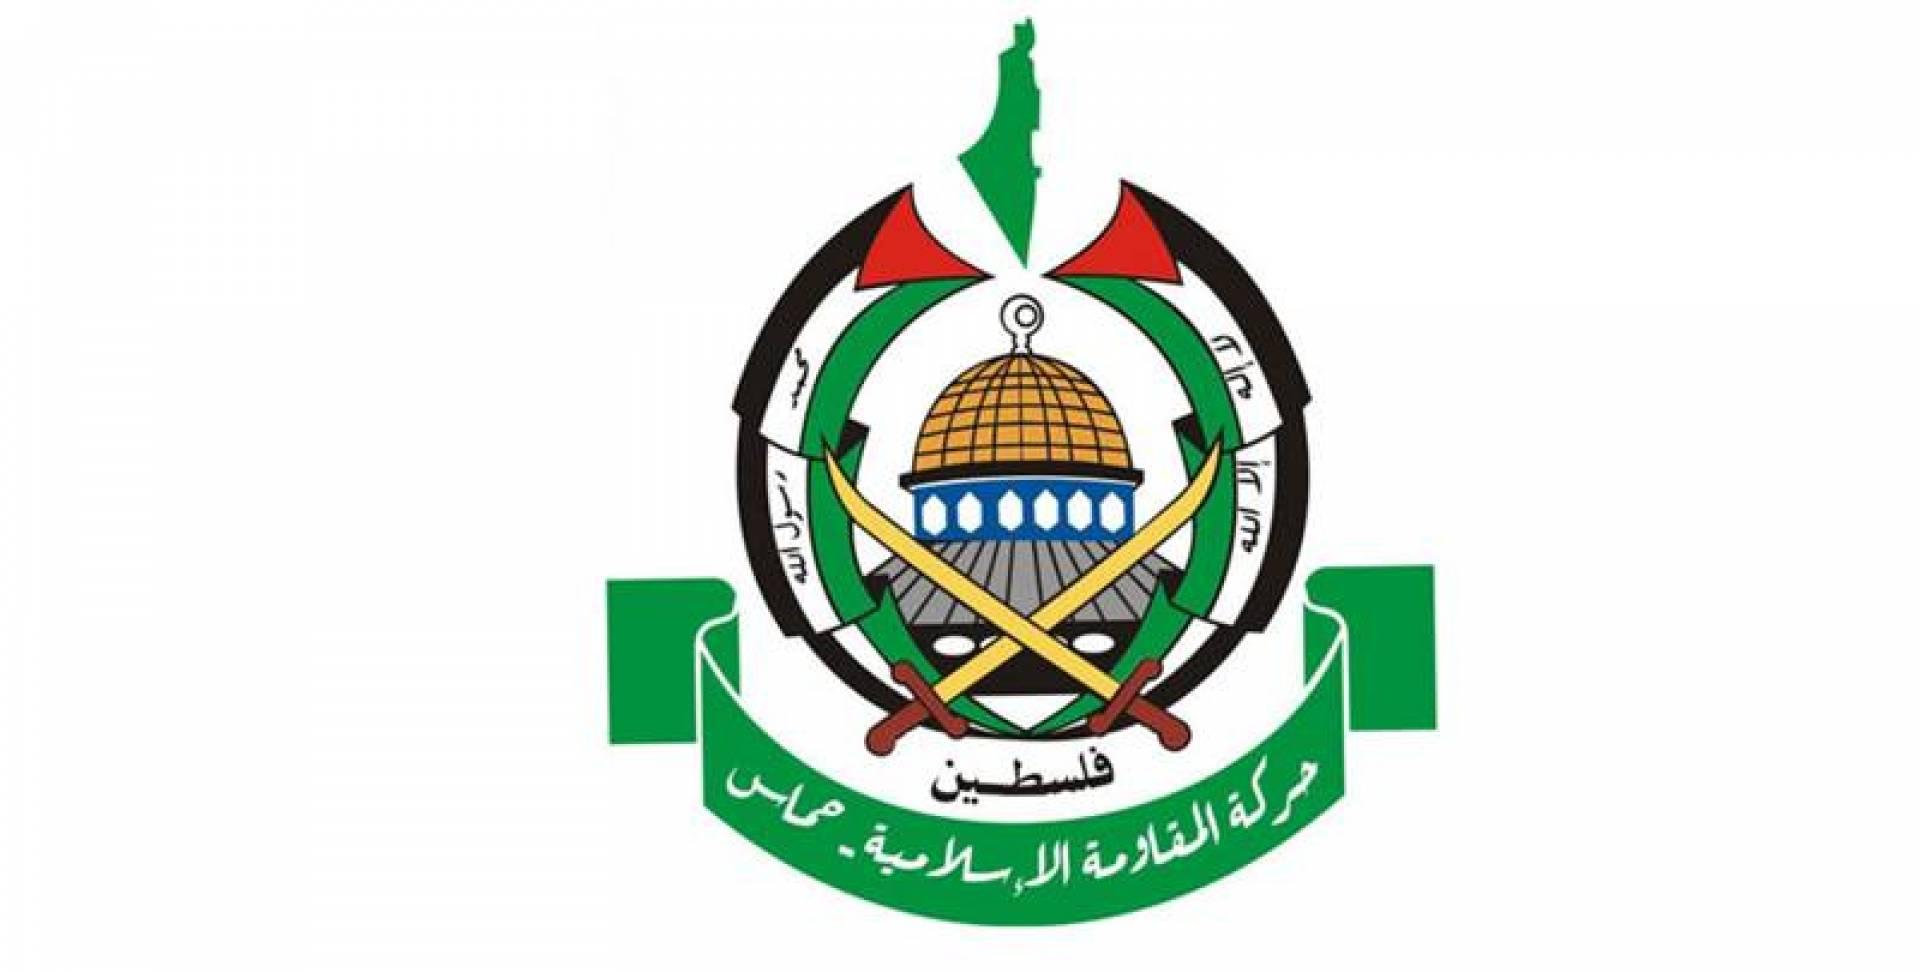 حماس تفجّر قنبلة: واشنطن حاولت التواصل معنا